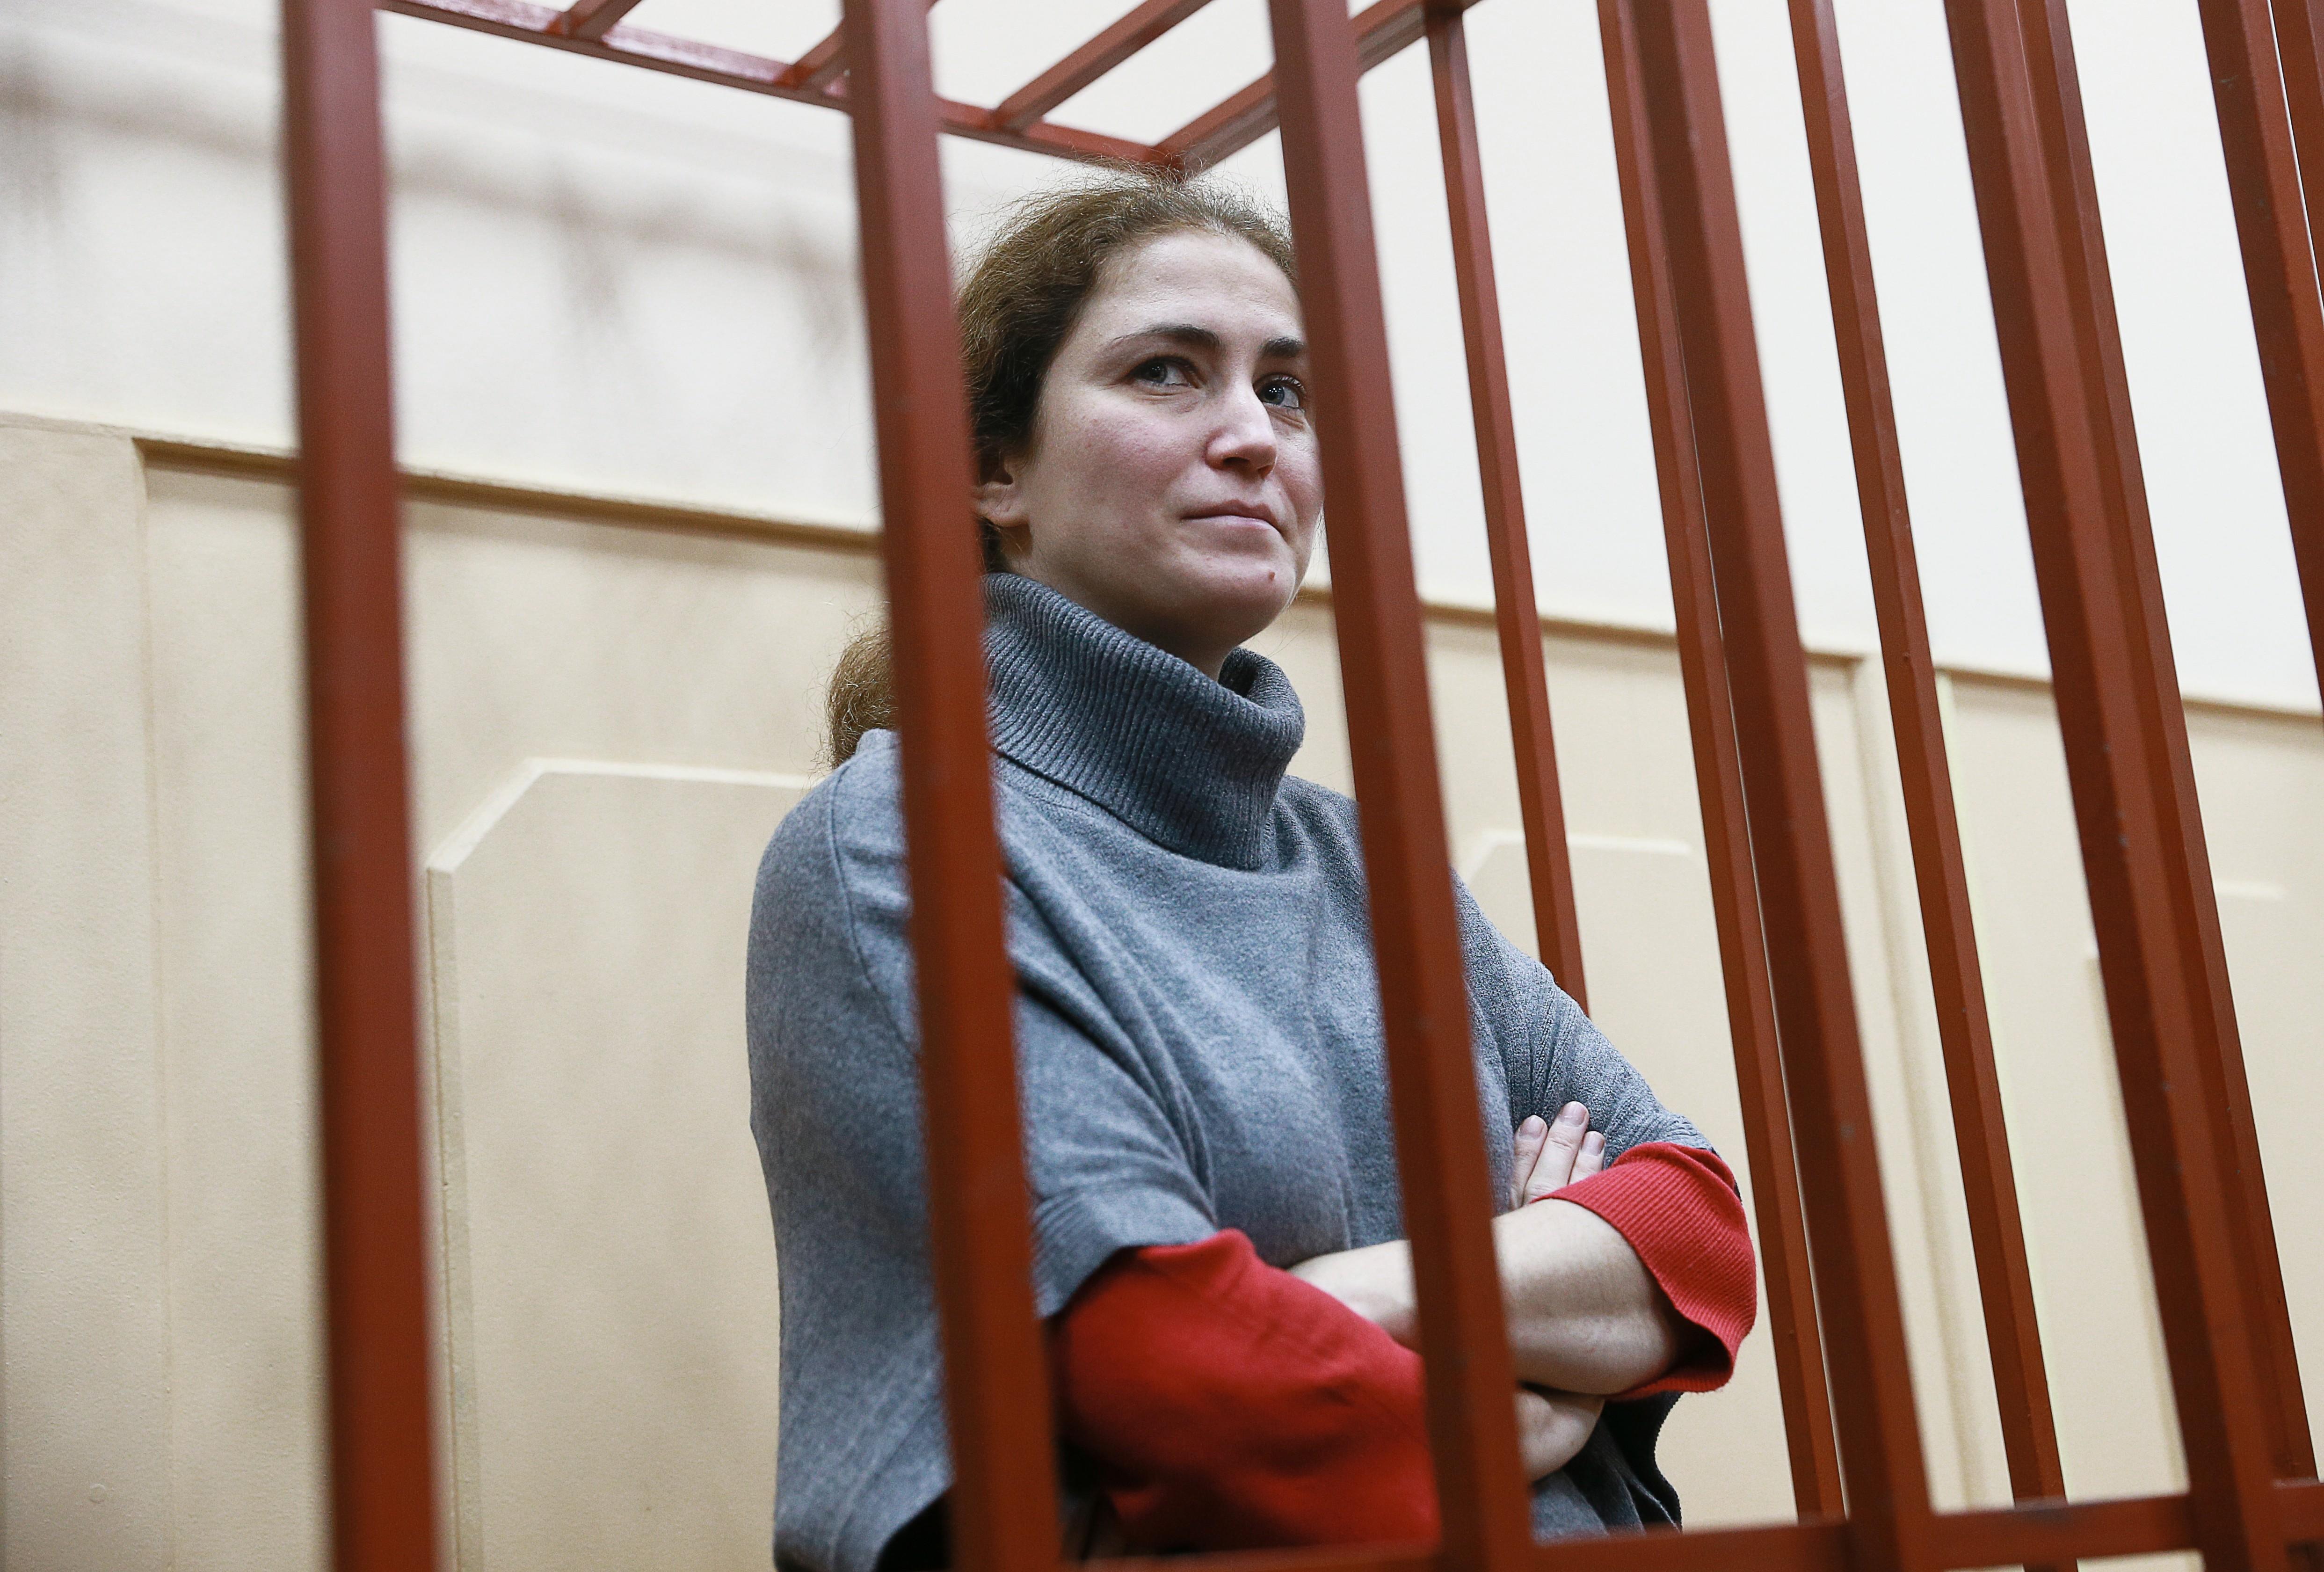 <p>Софья Апфельбаум. Фото: &copy;РИА Новости/Антон Денисов</p>